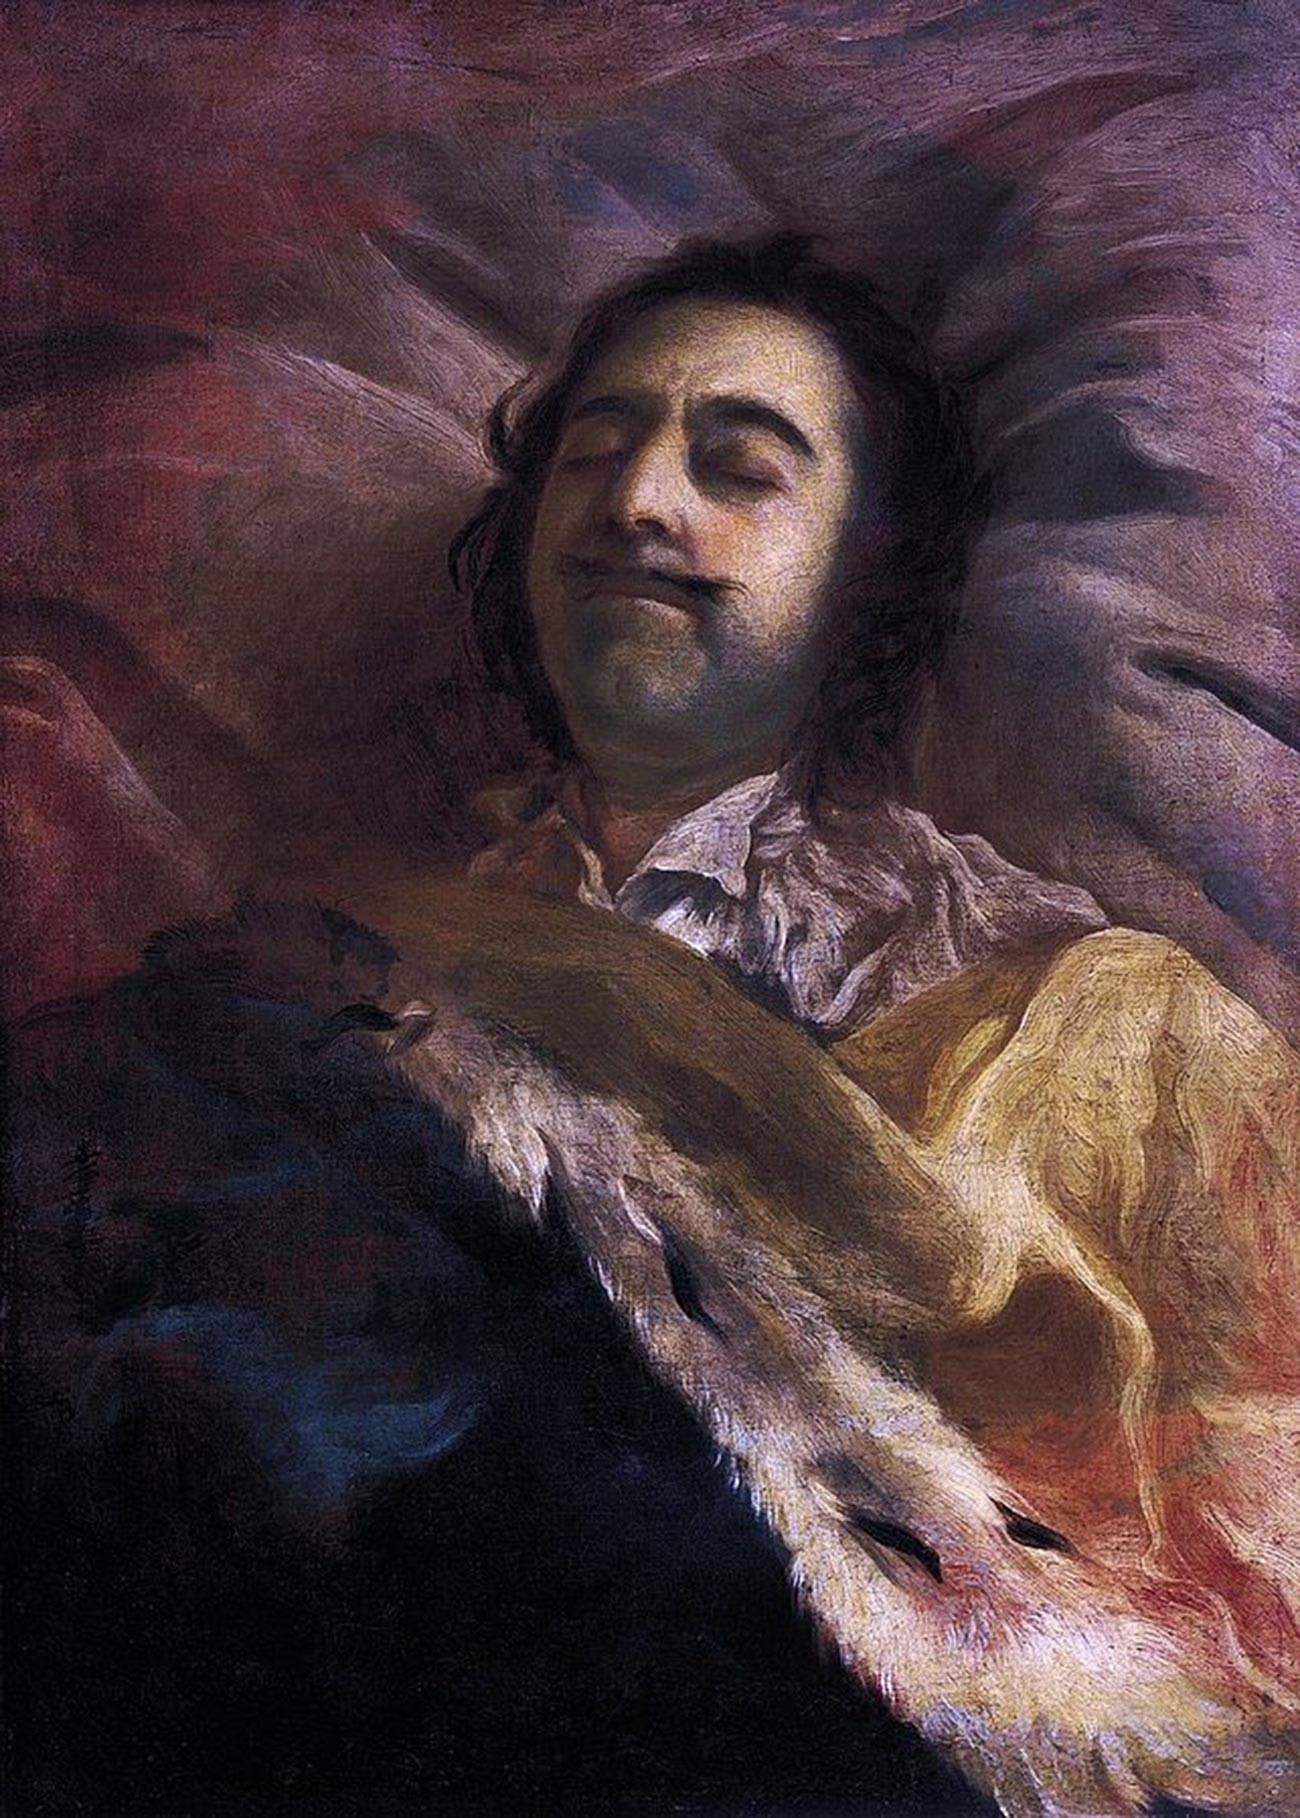 Peter der Große auf seinem Sterbebett